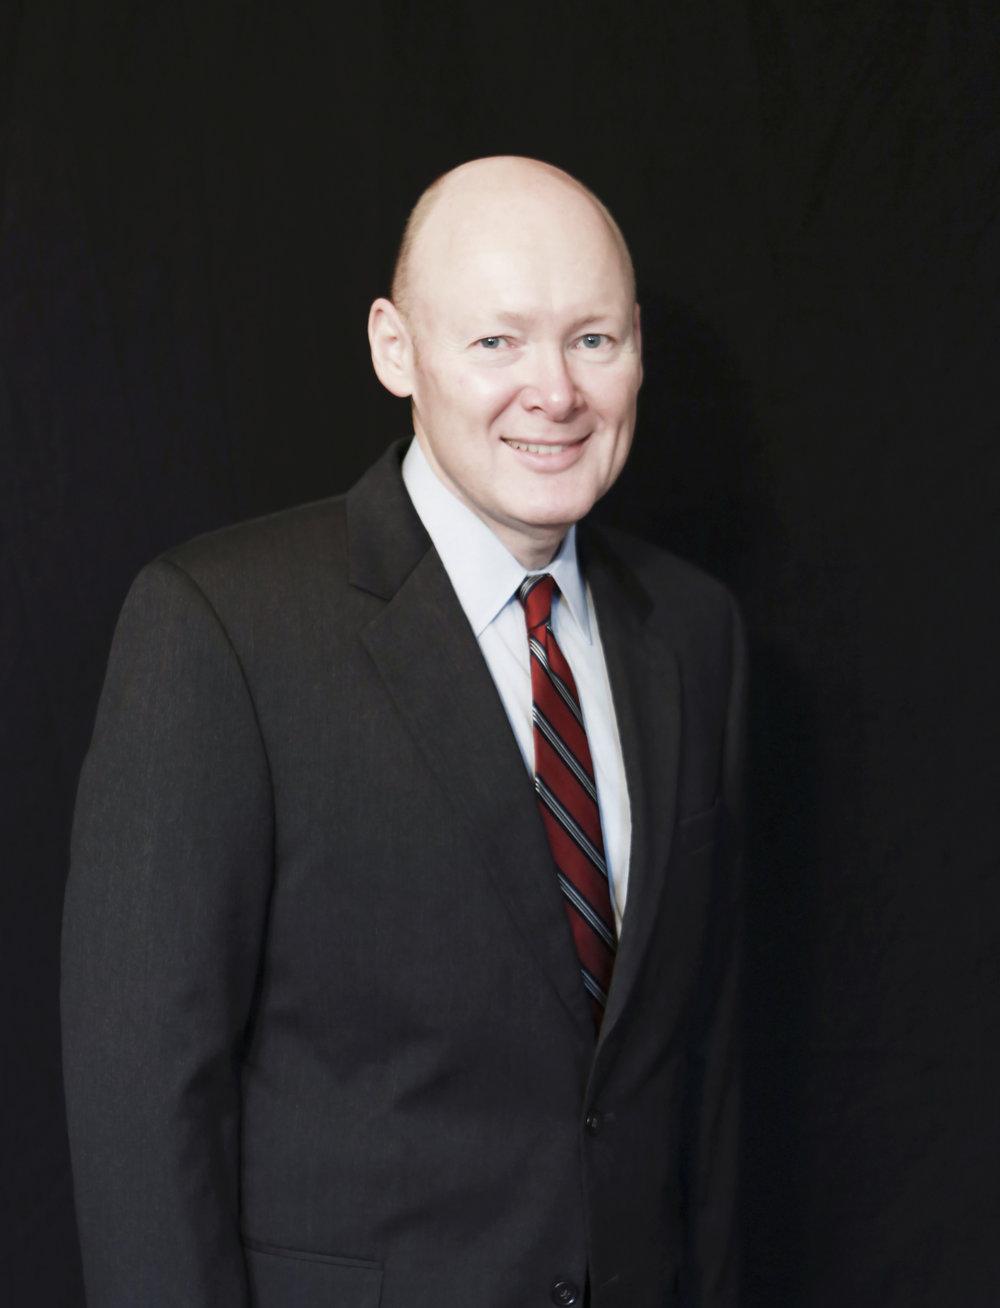 Patrick E. Bradshaw